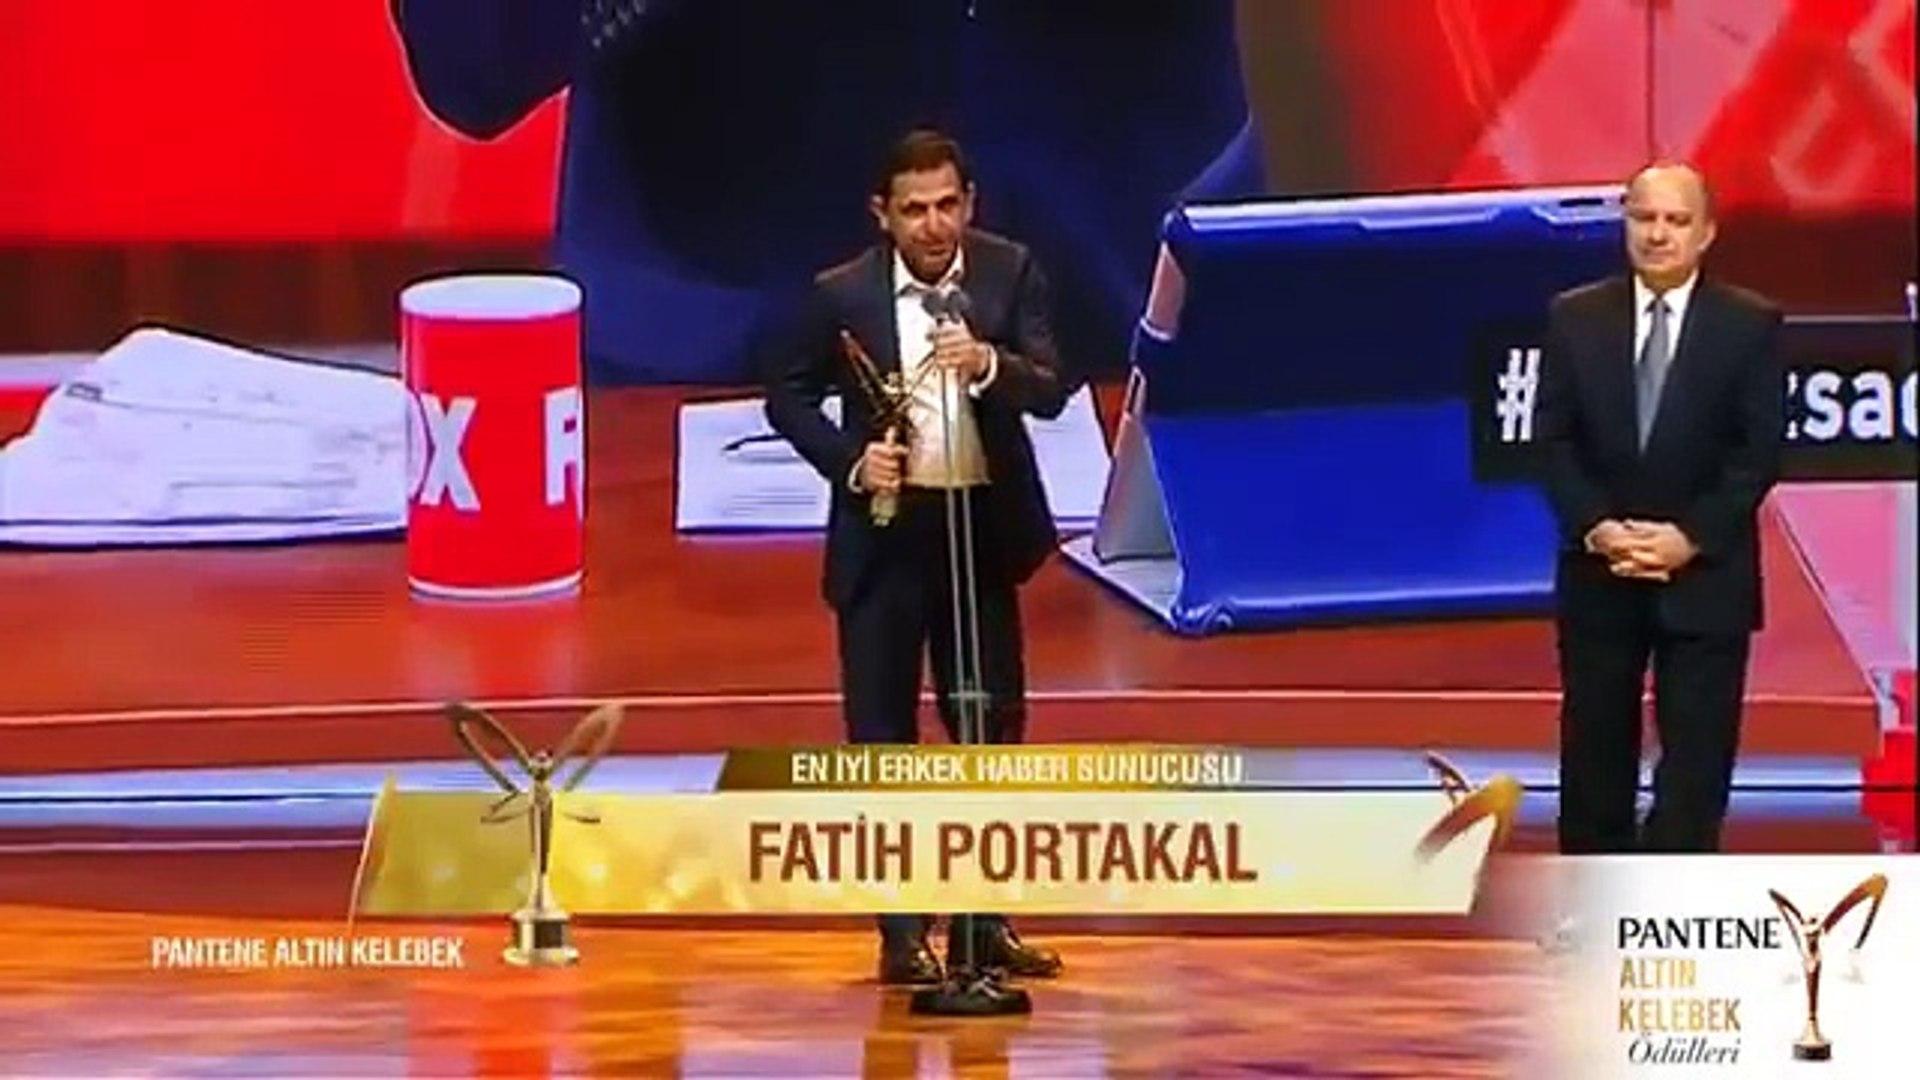 Fatih Portakal'ın olay yaratan Altın Kelebek konuşması... Ercan Gün'e ithaf... - Dailymotion Video